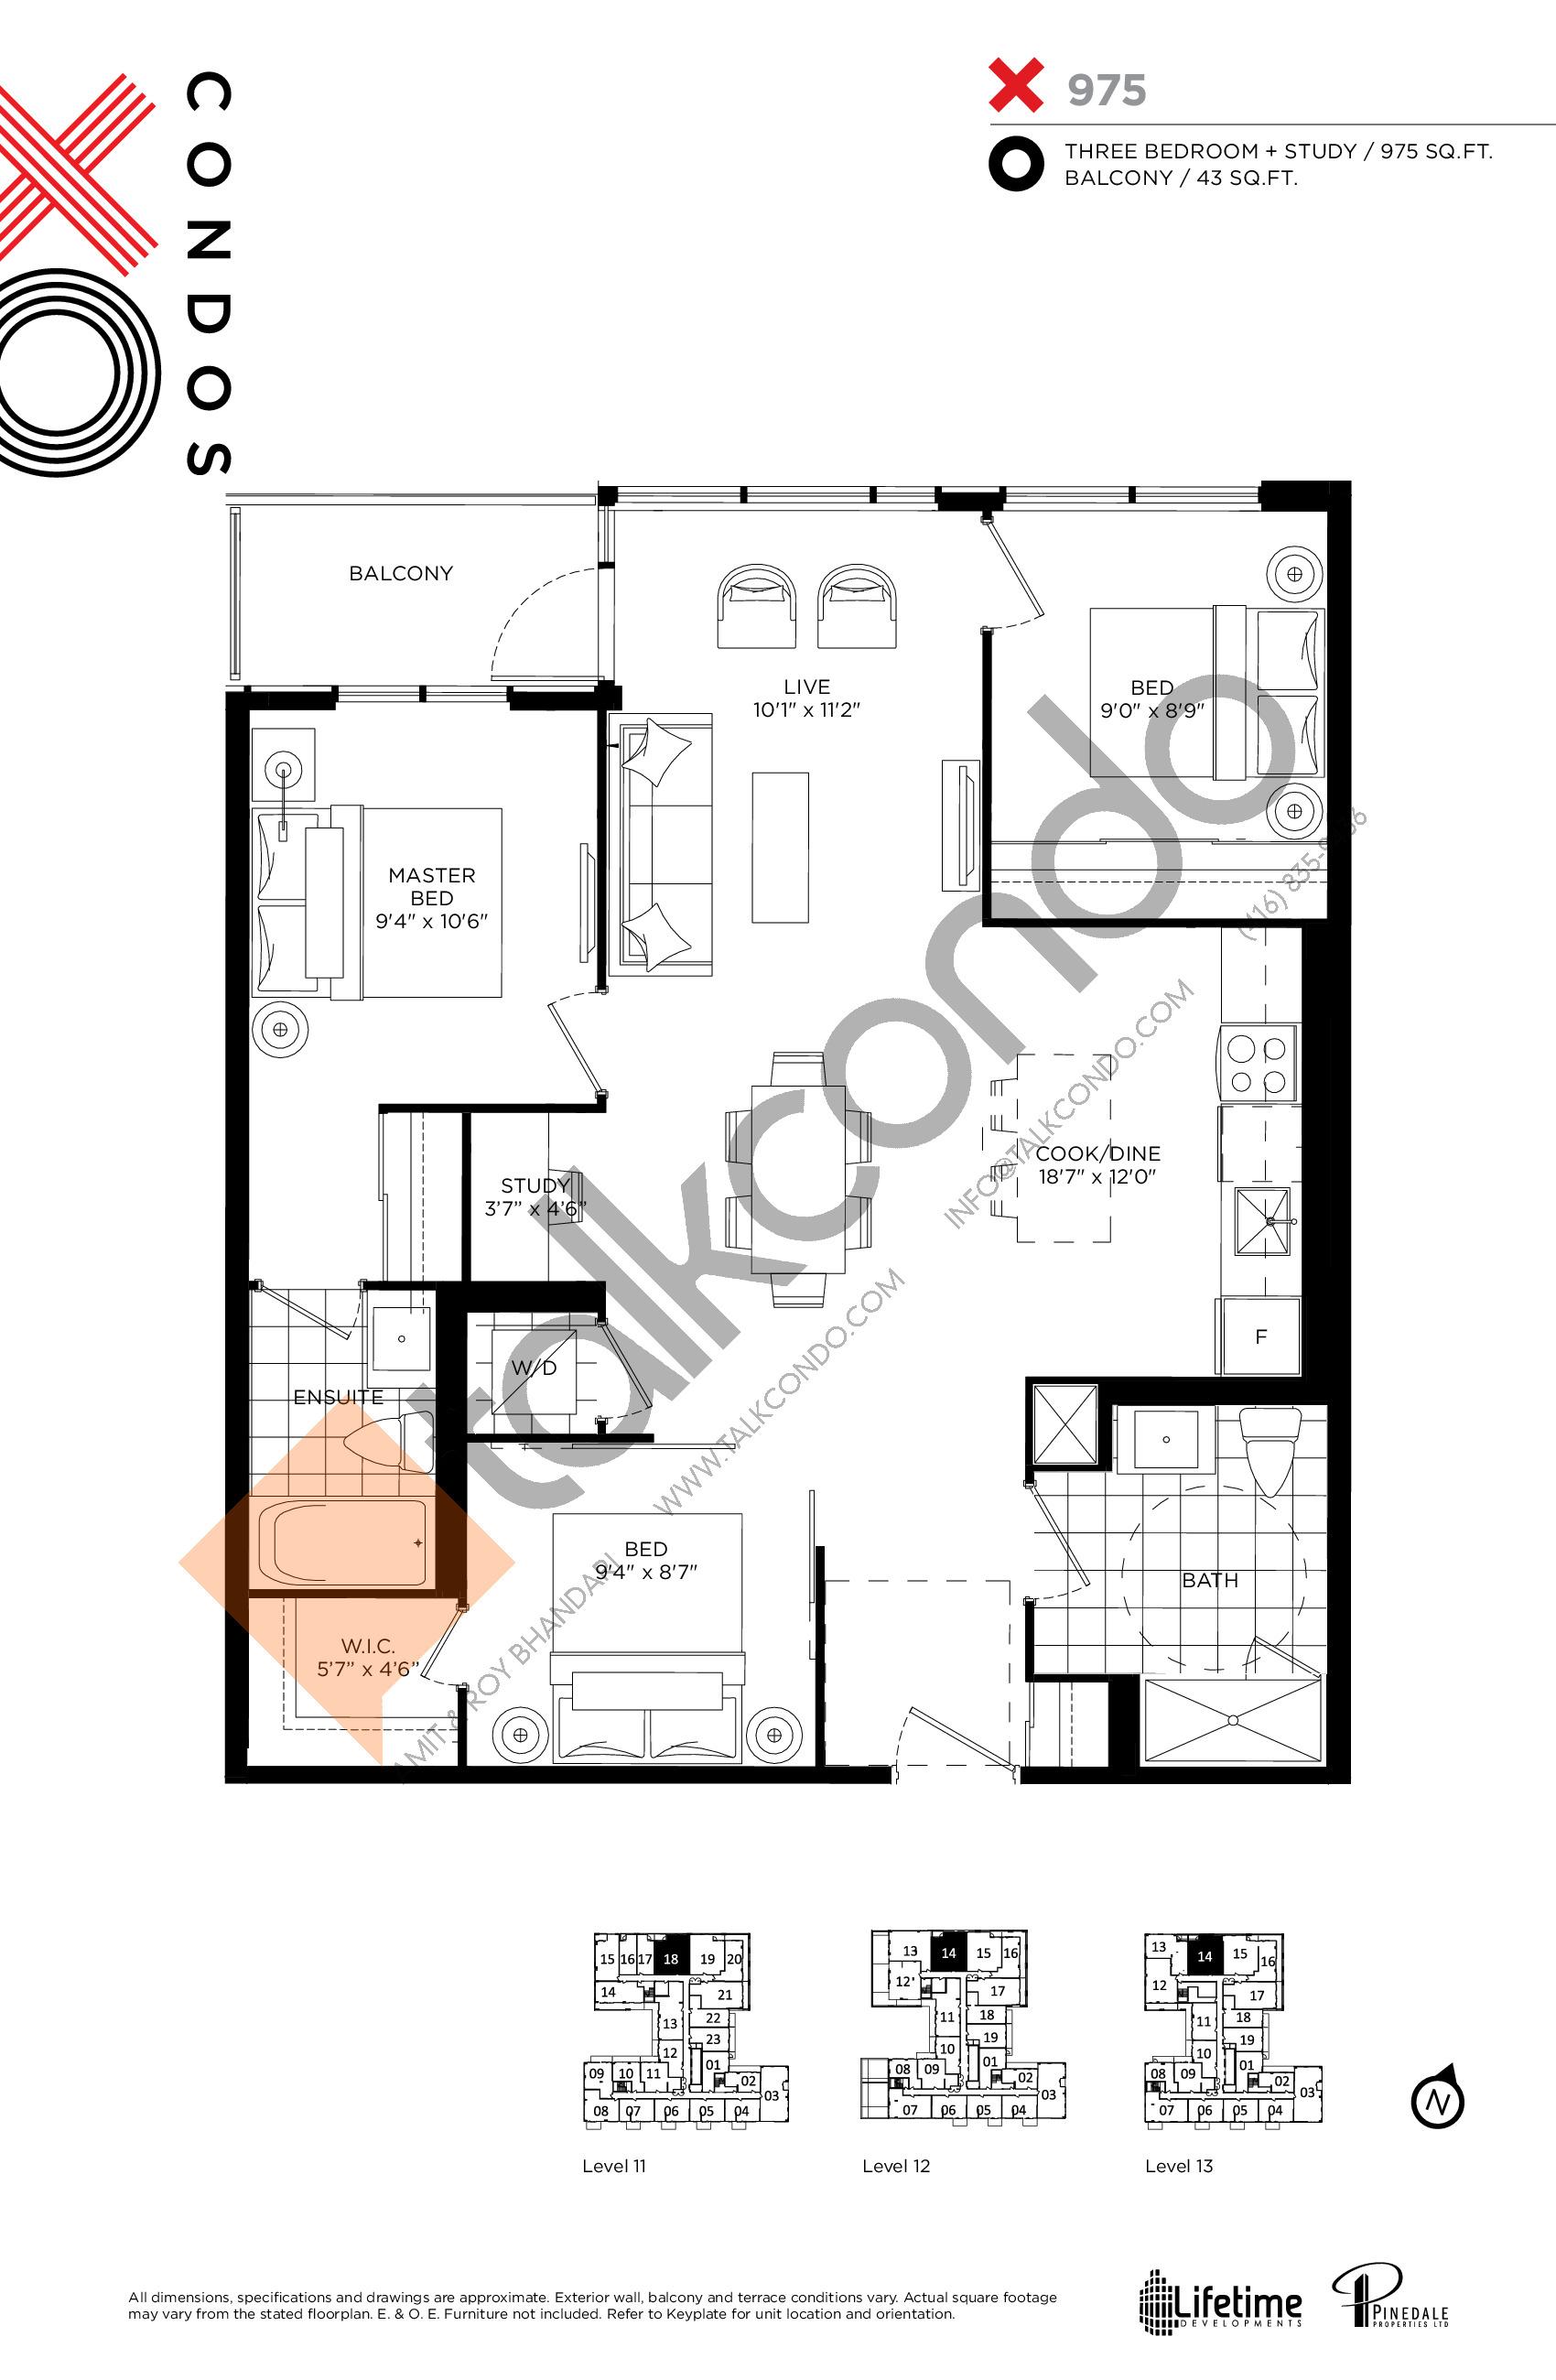 975 Floor Plan at XO Condos - 975 sq.ft